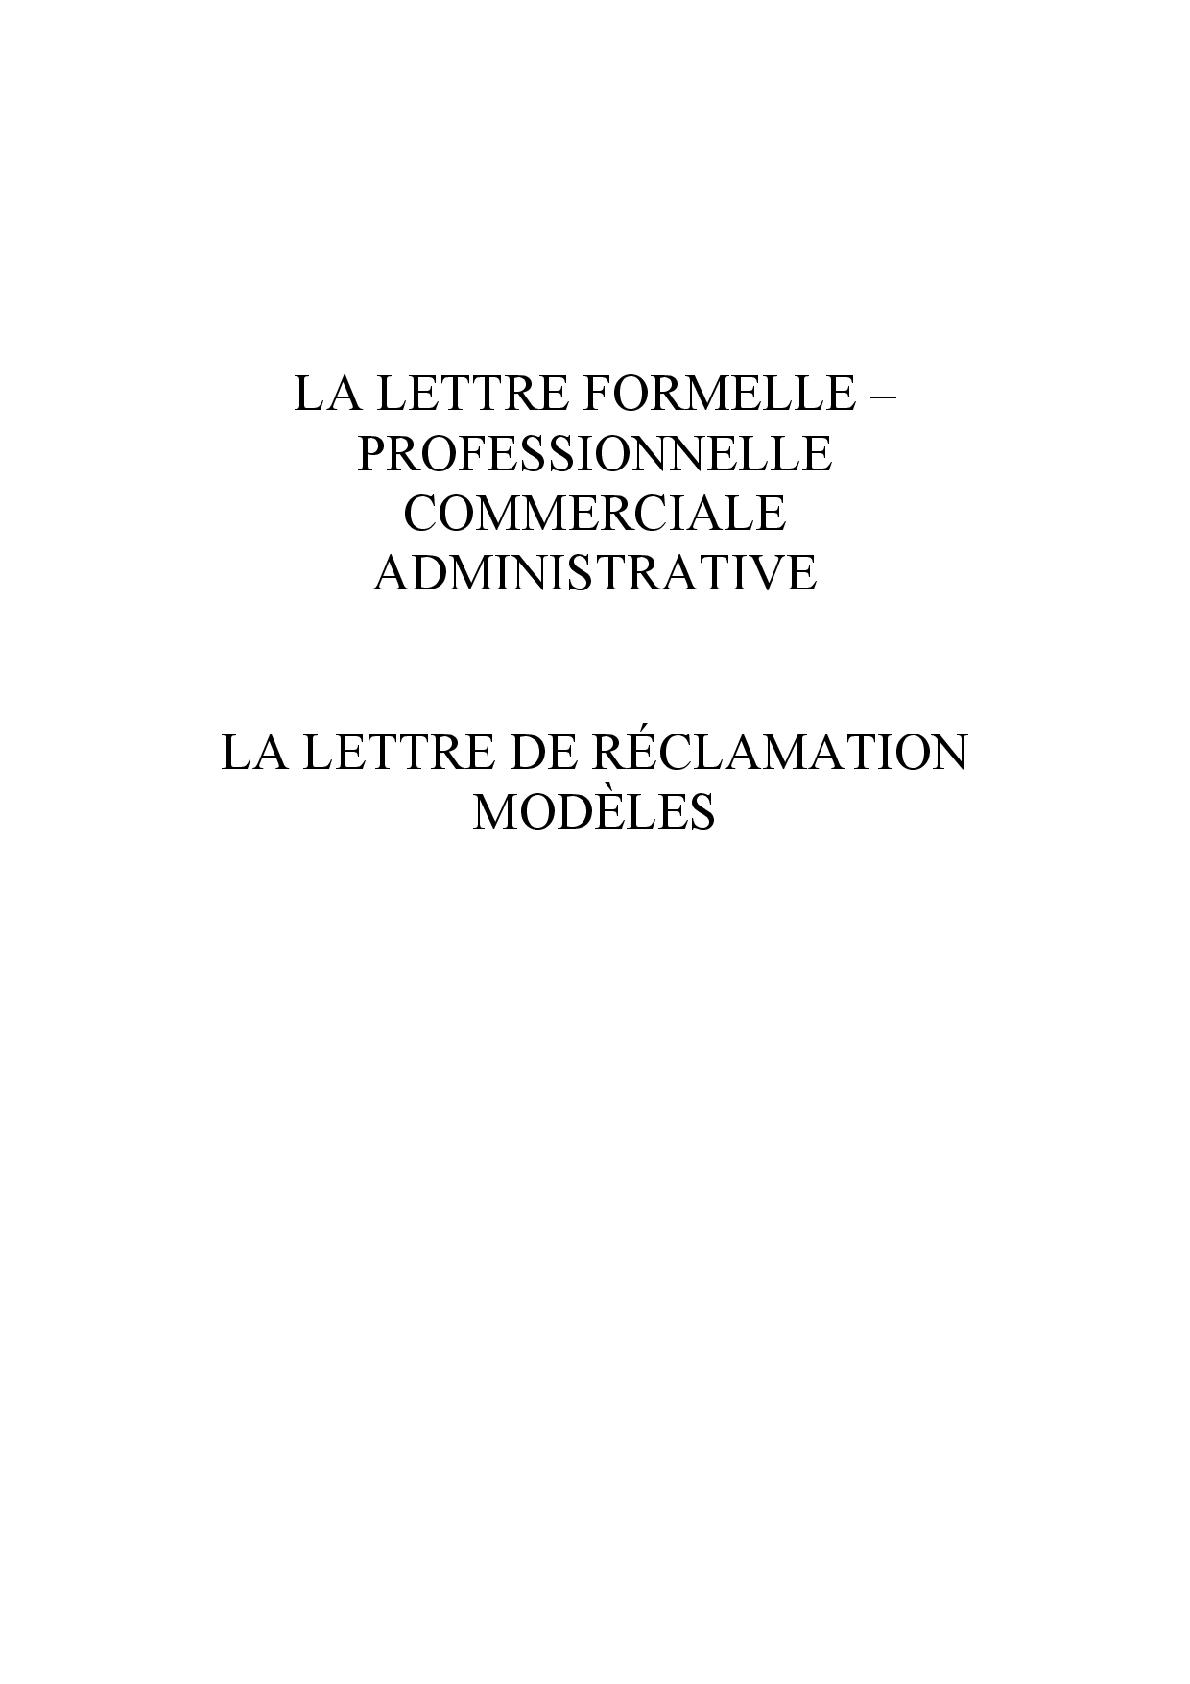 Modèles de lettre de réclamation الثالثة اعدادي